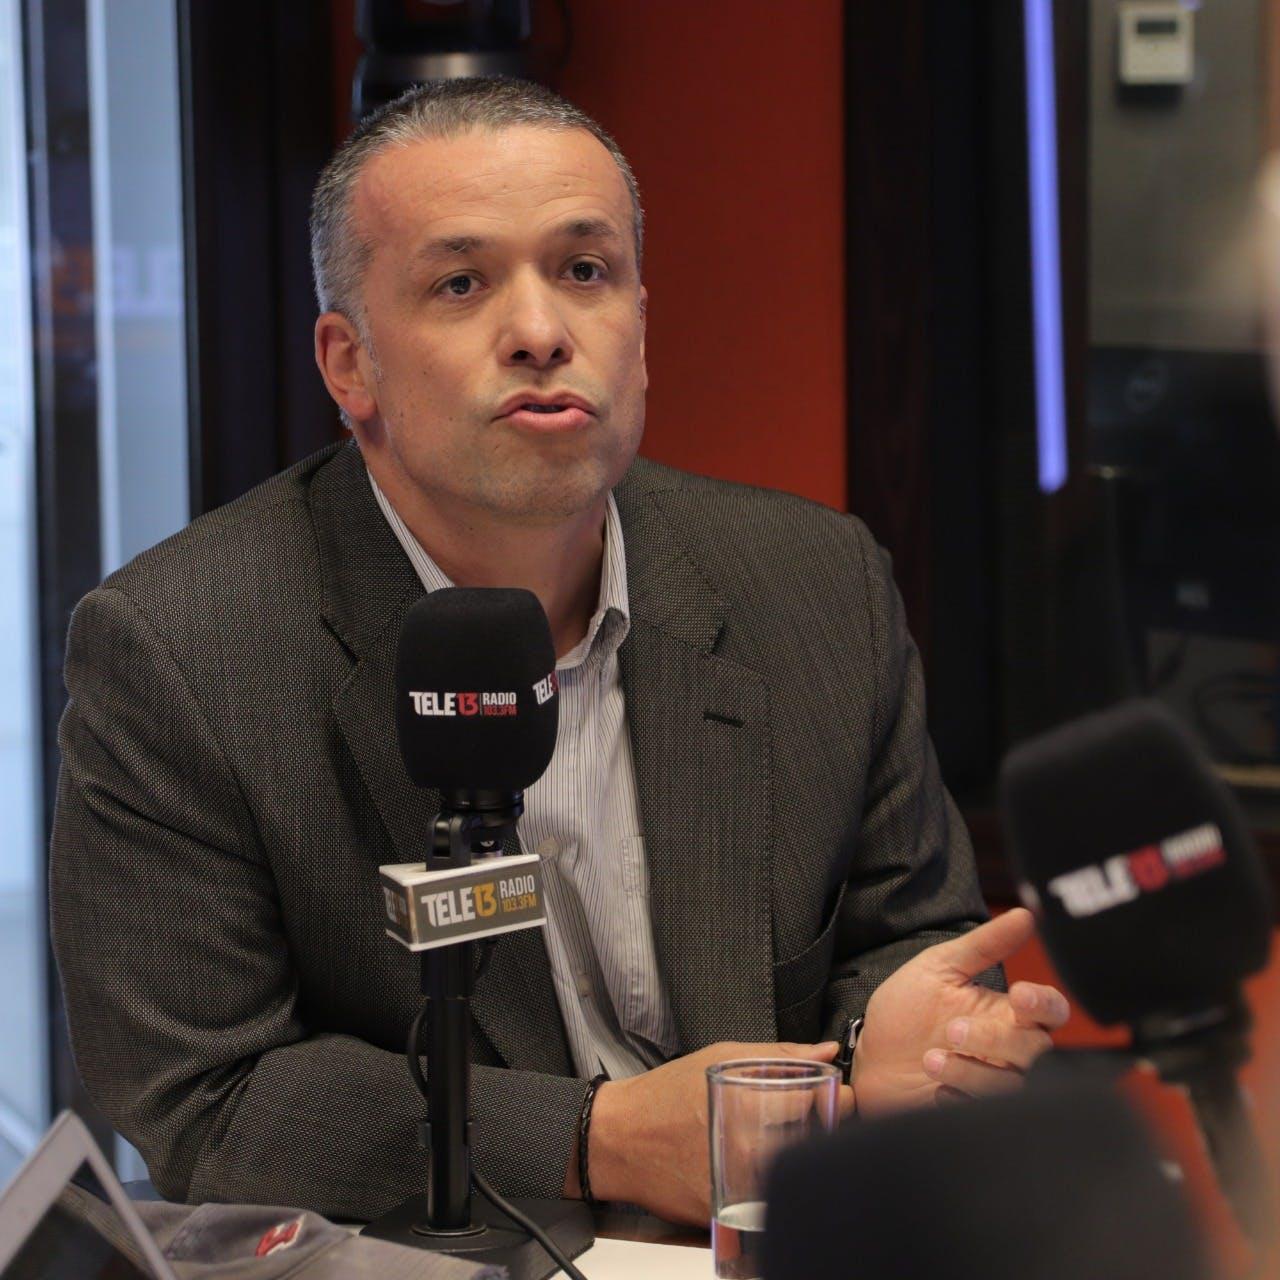 Oscar Landerretche: El debate de 40 horas se ha convertido en un gallito político. Debe ser algo gradual, complementando generación de empleos e incentivos a empresas